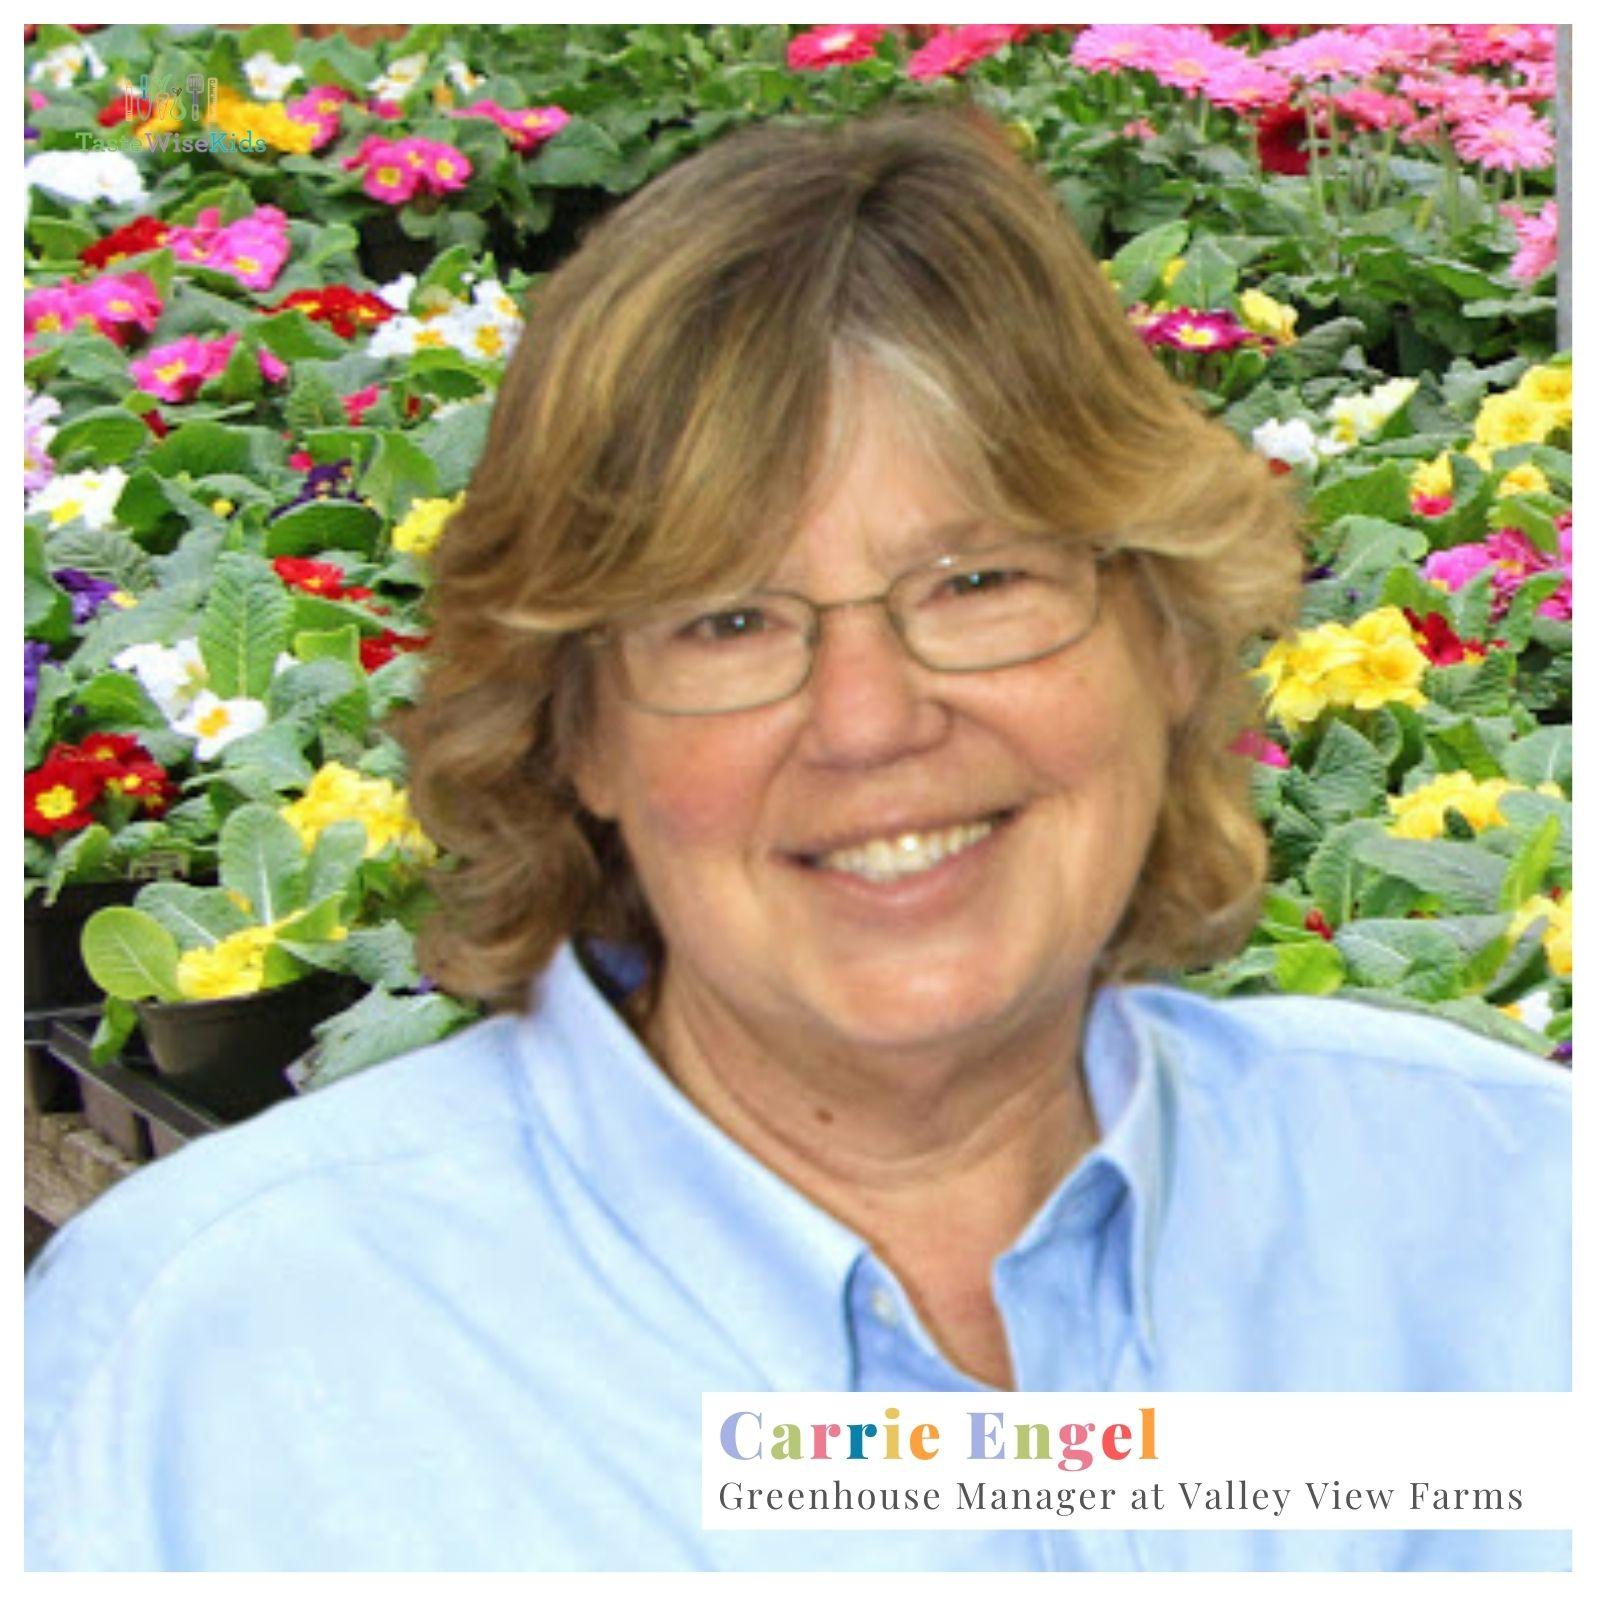 Carrie Engel